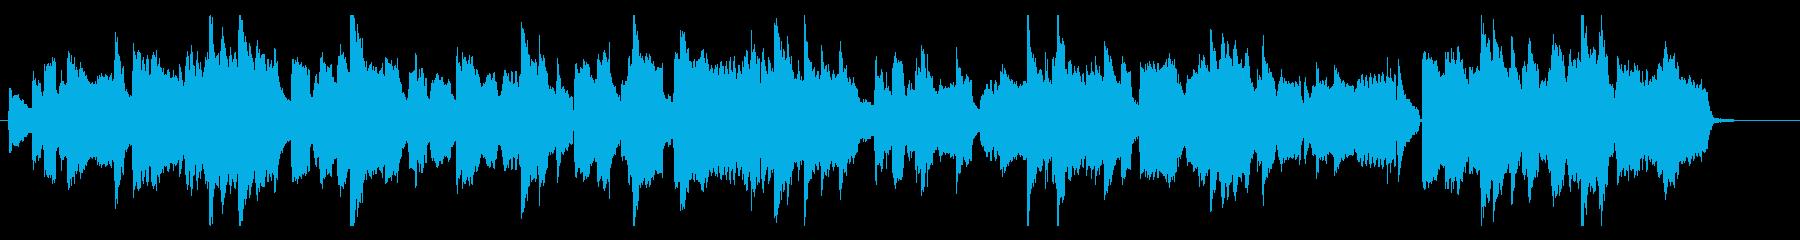 心に寄り添うような曲_ヘッケルフォン改の再生済みの波形